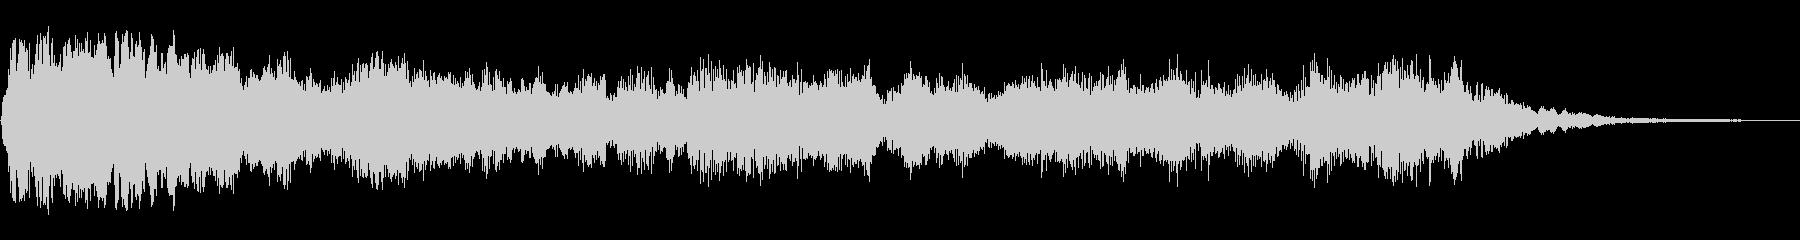 タララララーンラーン(オープニング音)の未再生の波形